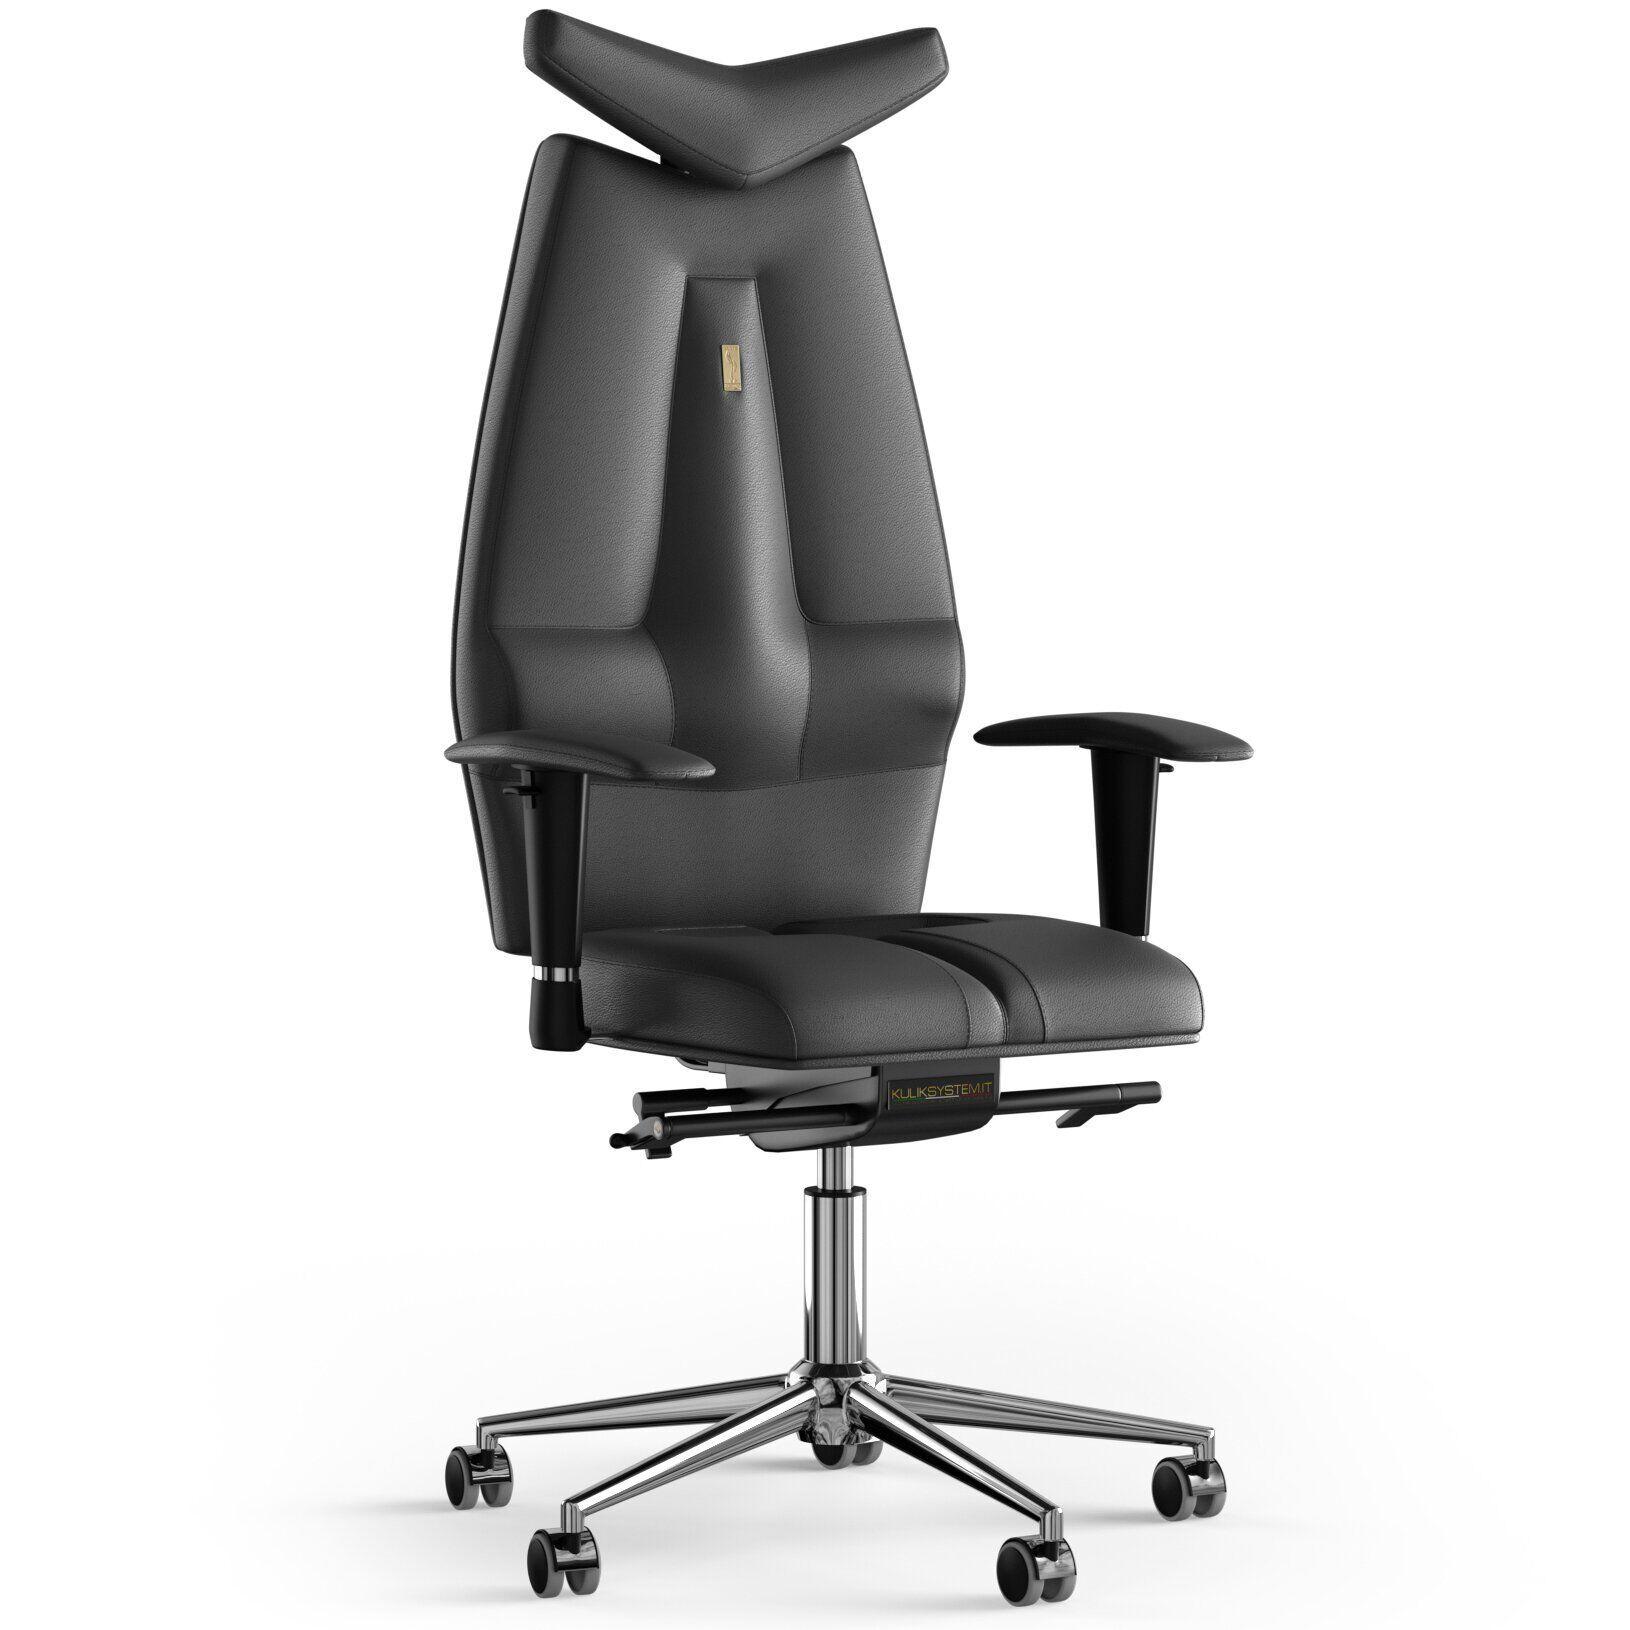 Кресло KULIK SYSTEM JET Кожа с подголовником без строчки